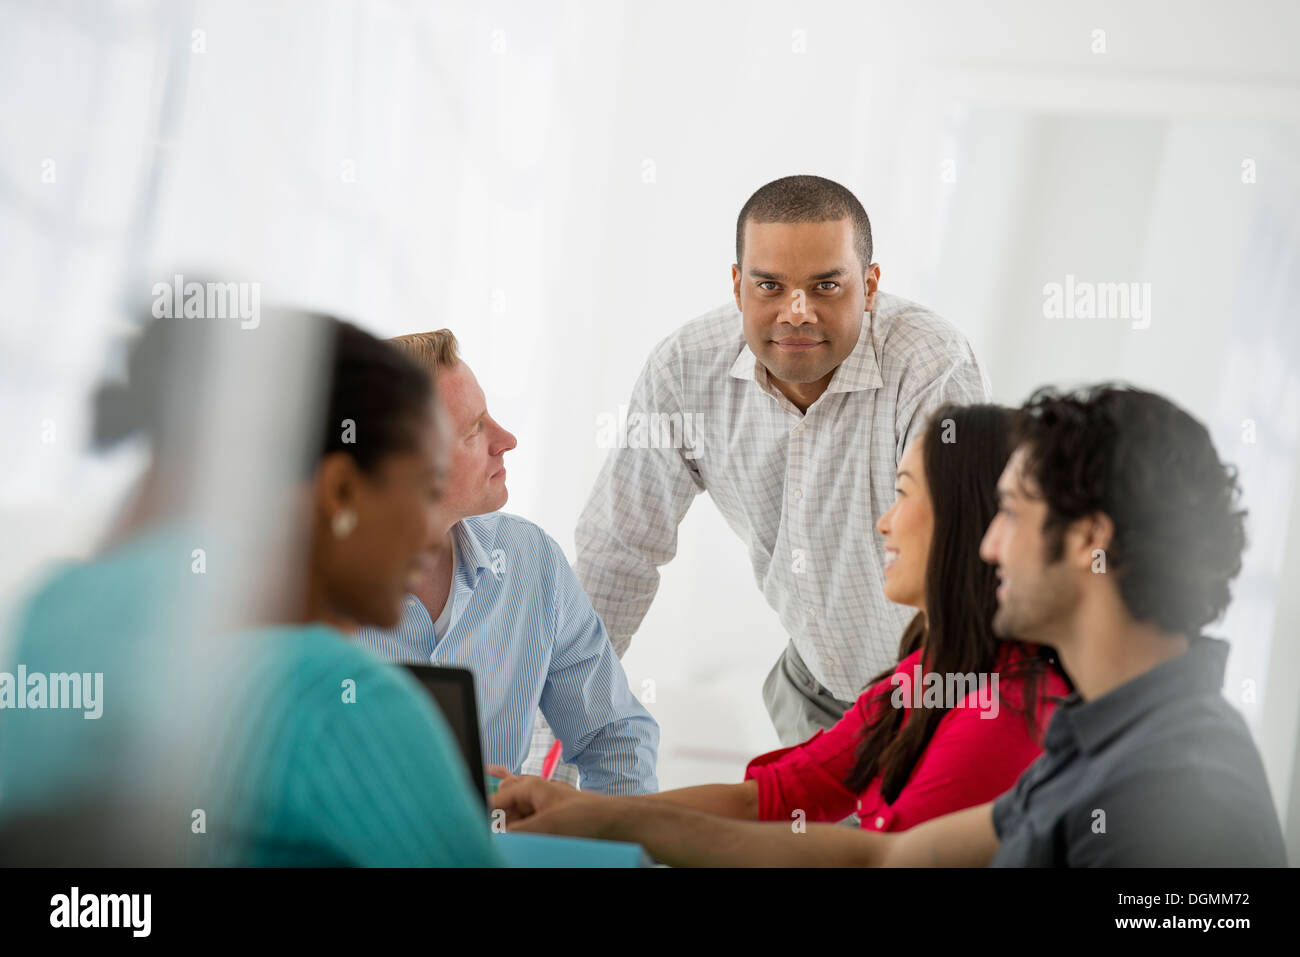 Un groupe ethnique de personnes autour d'une table, les hommes et les femmes. Le travail d'équipe. Réunion. Photo Stock